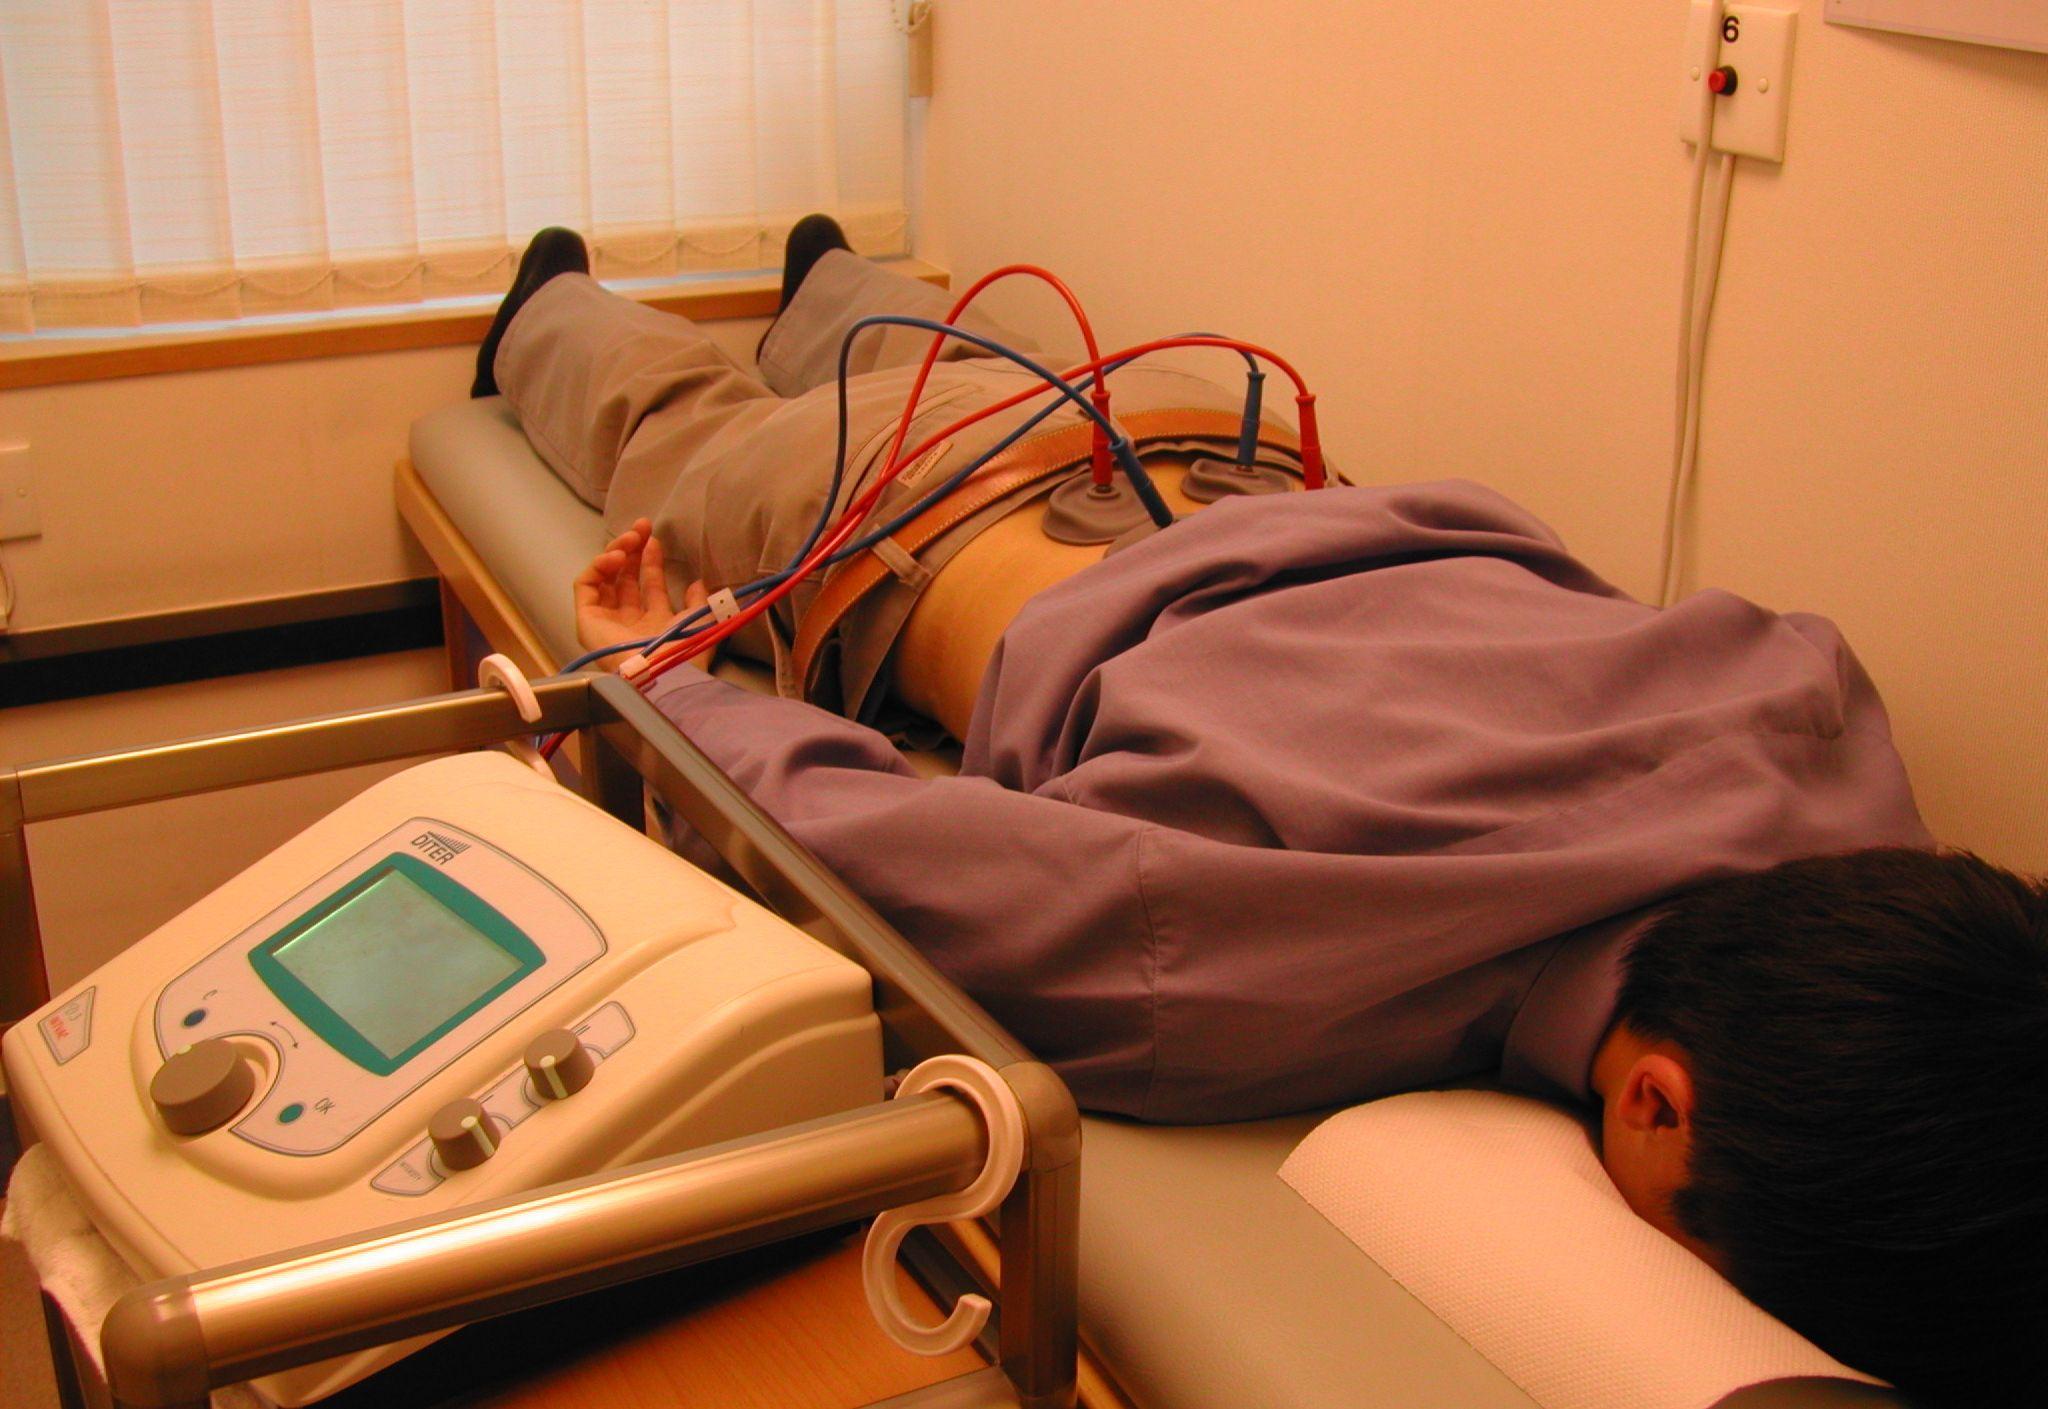 Для снятия отечности при межпозвоночной грыжи назначают процедуру электрофорез